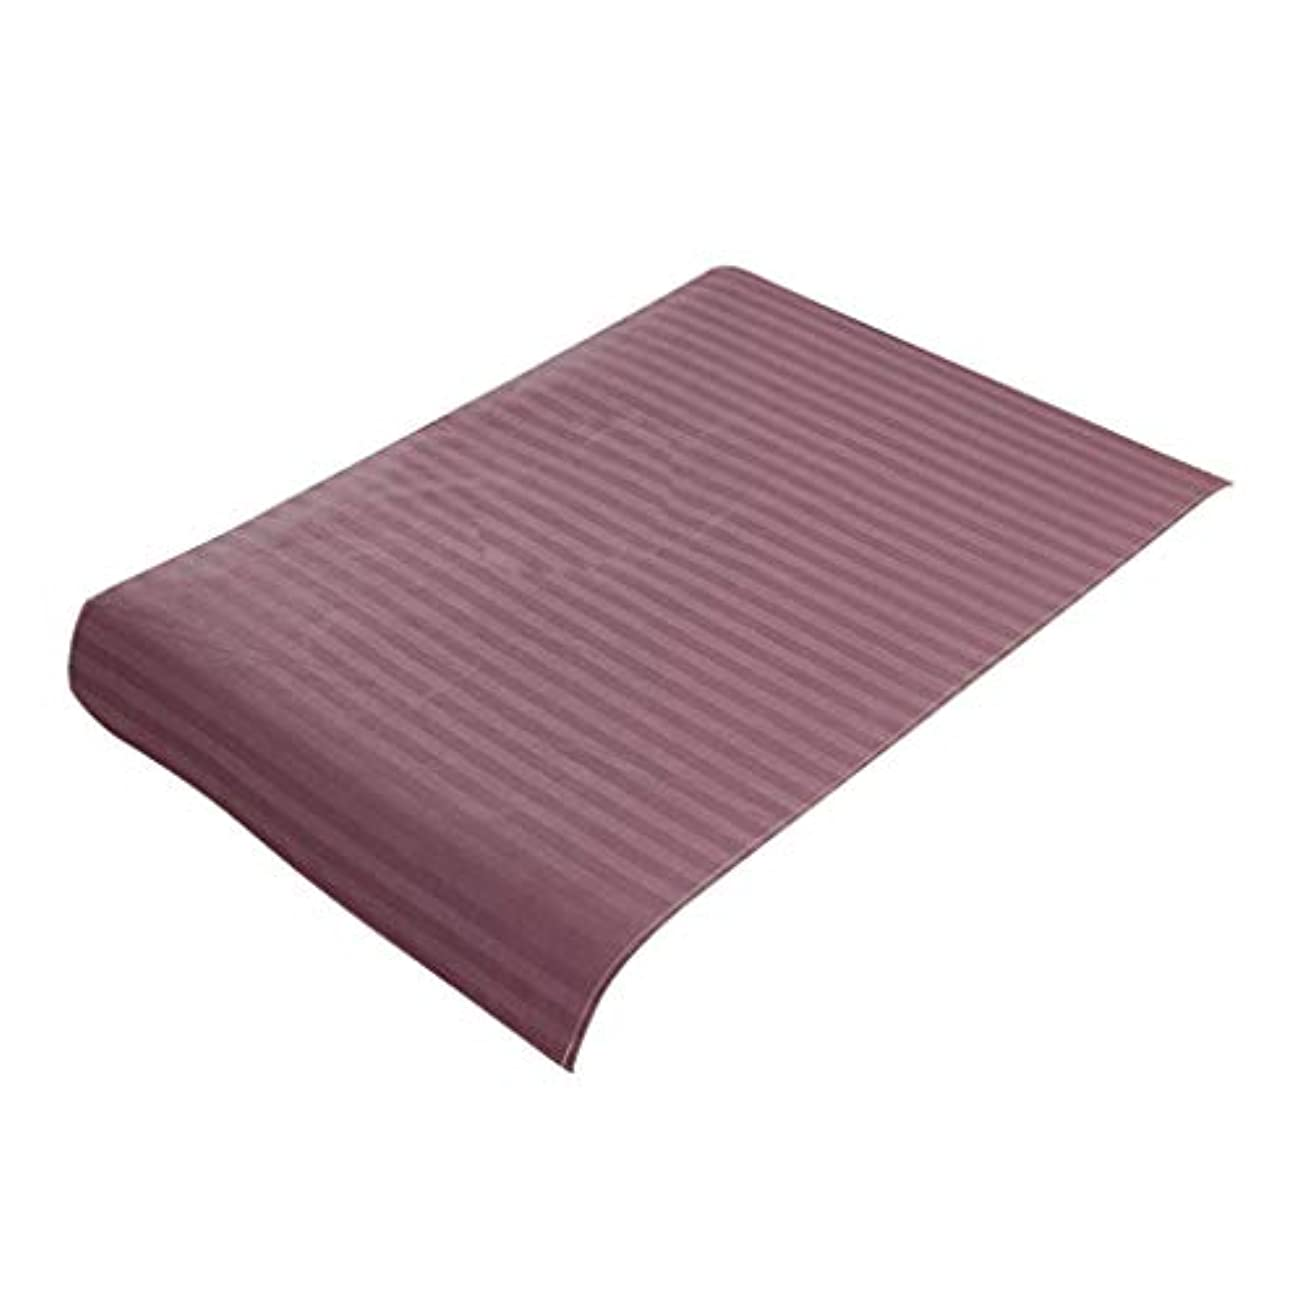 祭司ピザ増加するスパ マッサージベッドカバー 美容ベッドカバー 綿製 断面 マッサージテーブルスカート 60x90cm - 紫